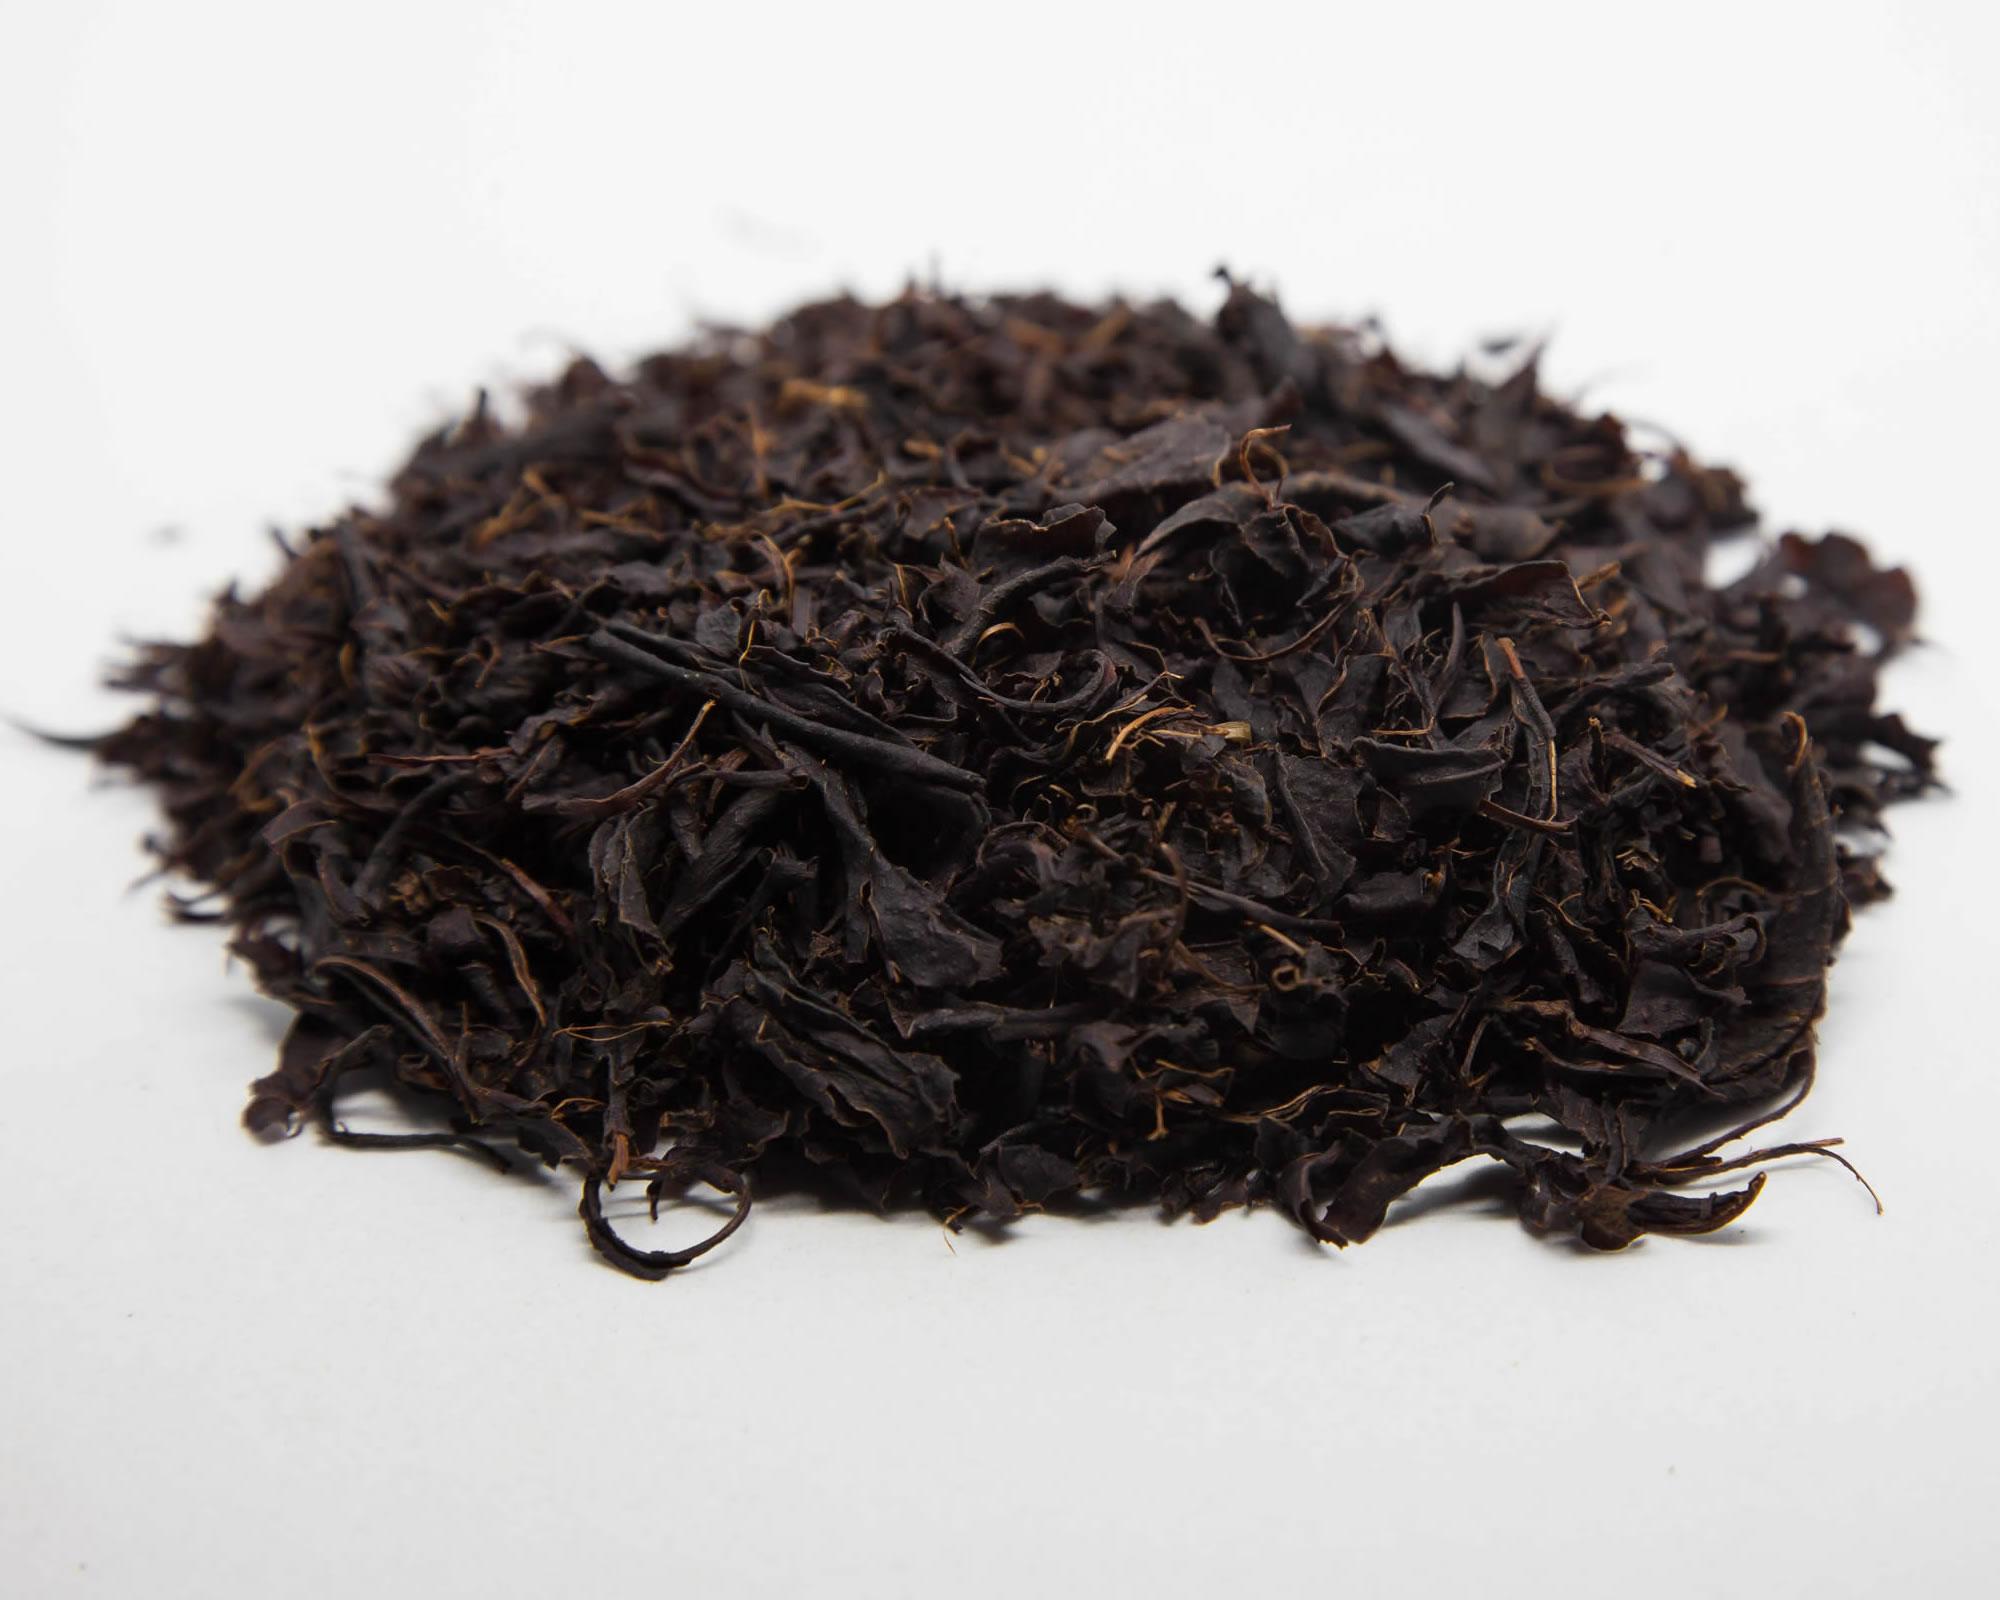 2000w-Black Tea Loose Leaf Tea.jpg